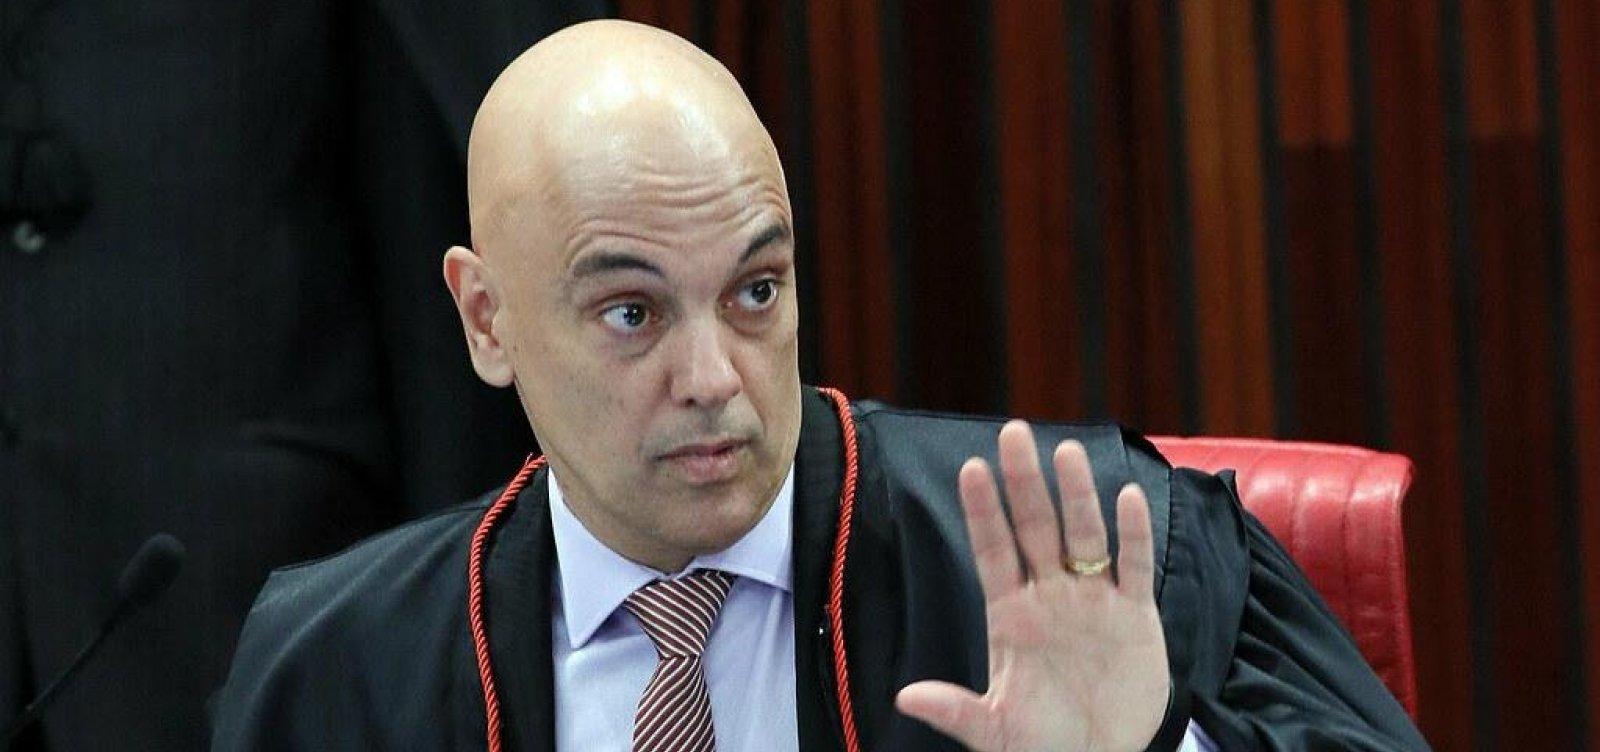 [Alexandre de Moraes bloqueia redes sociais de investigados por fake news]